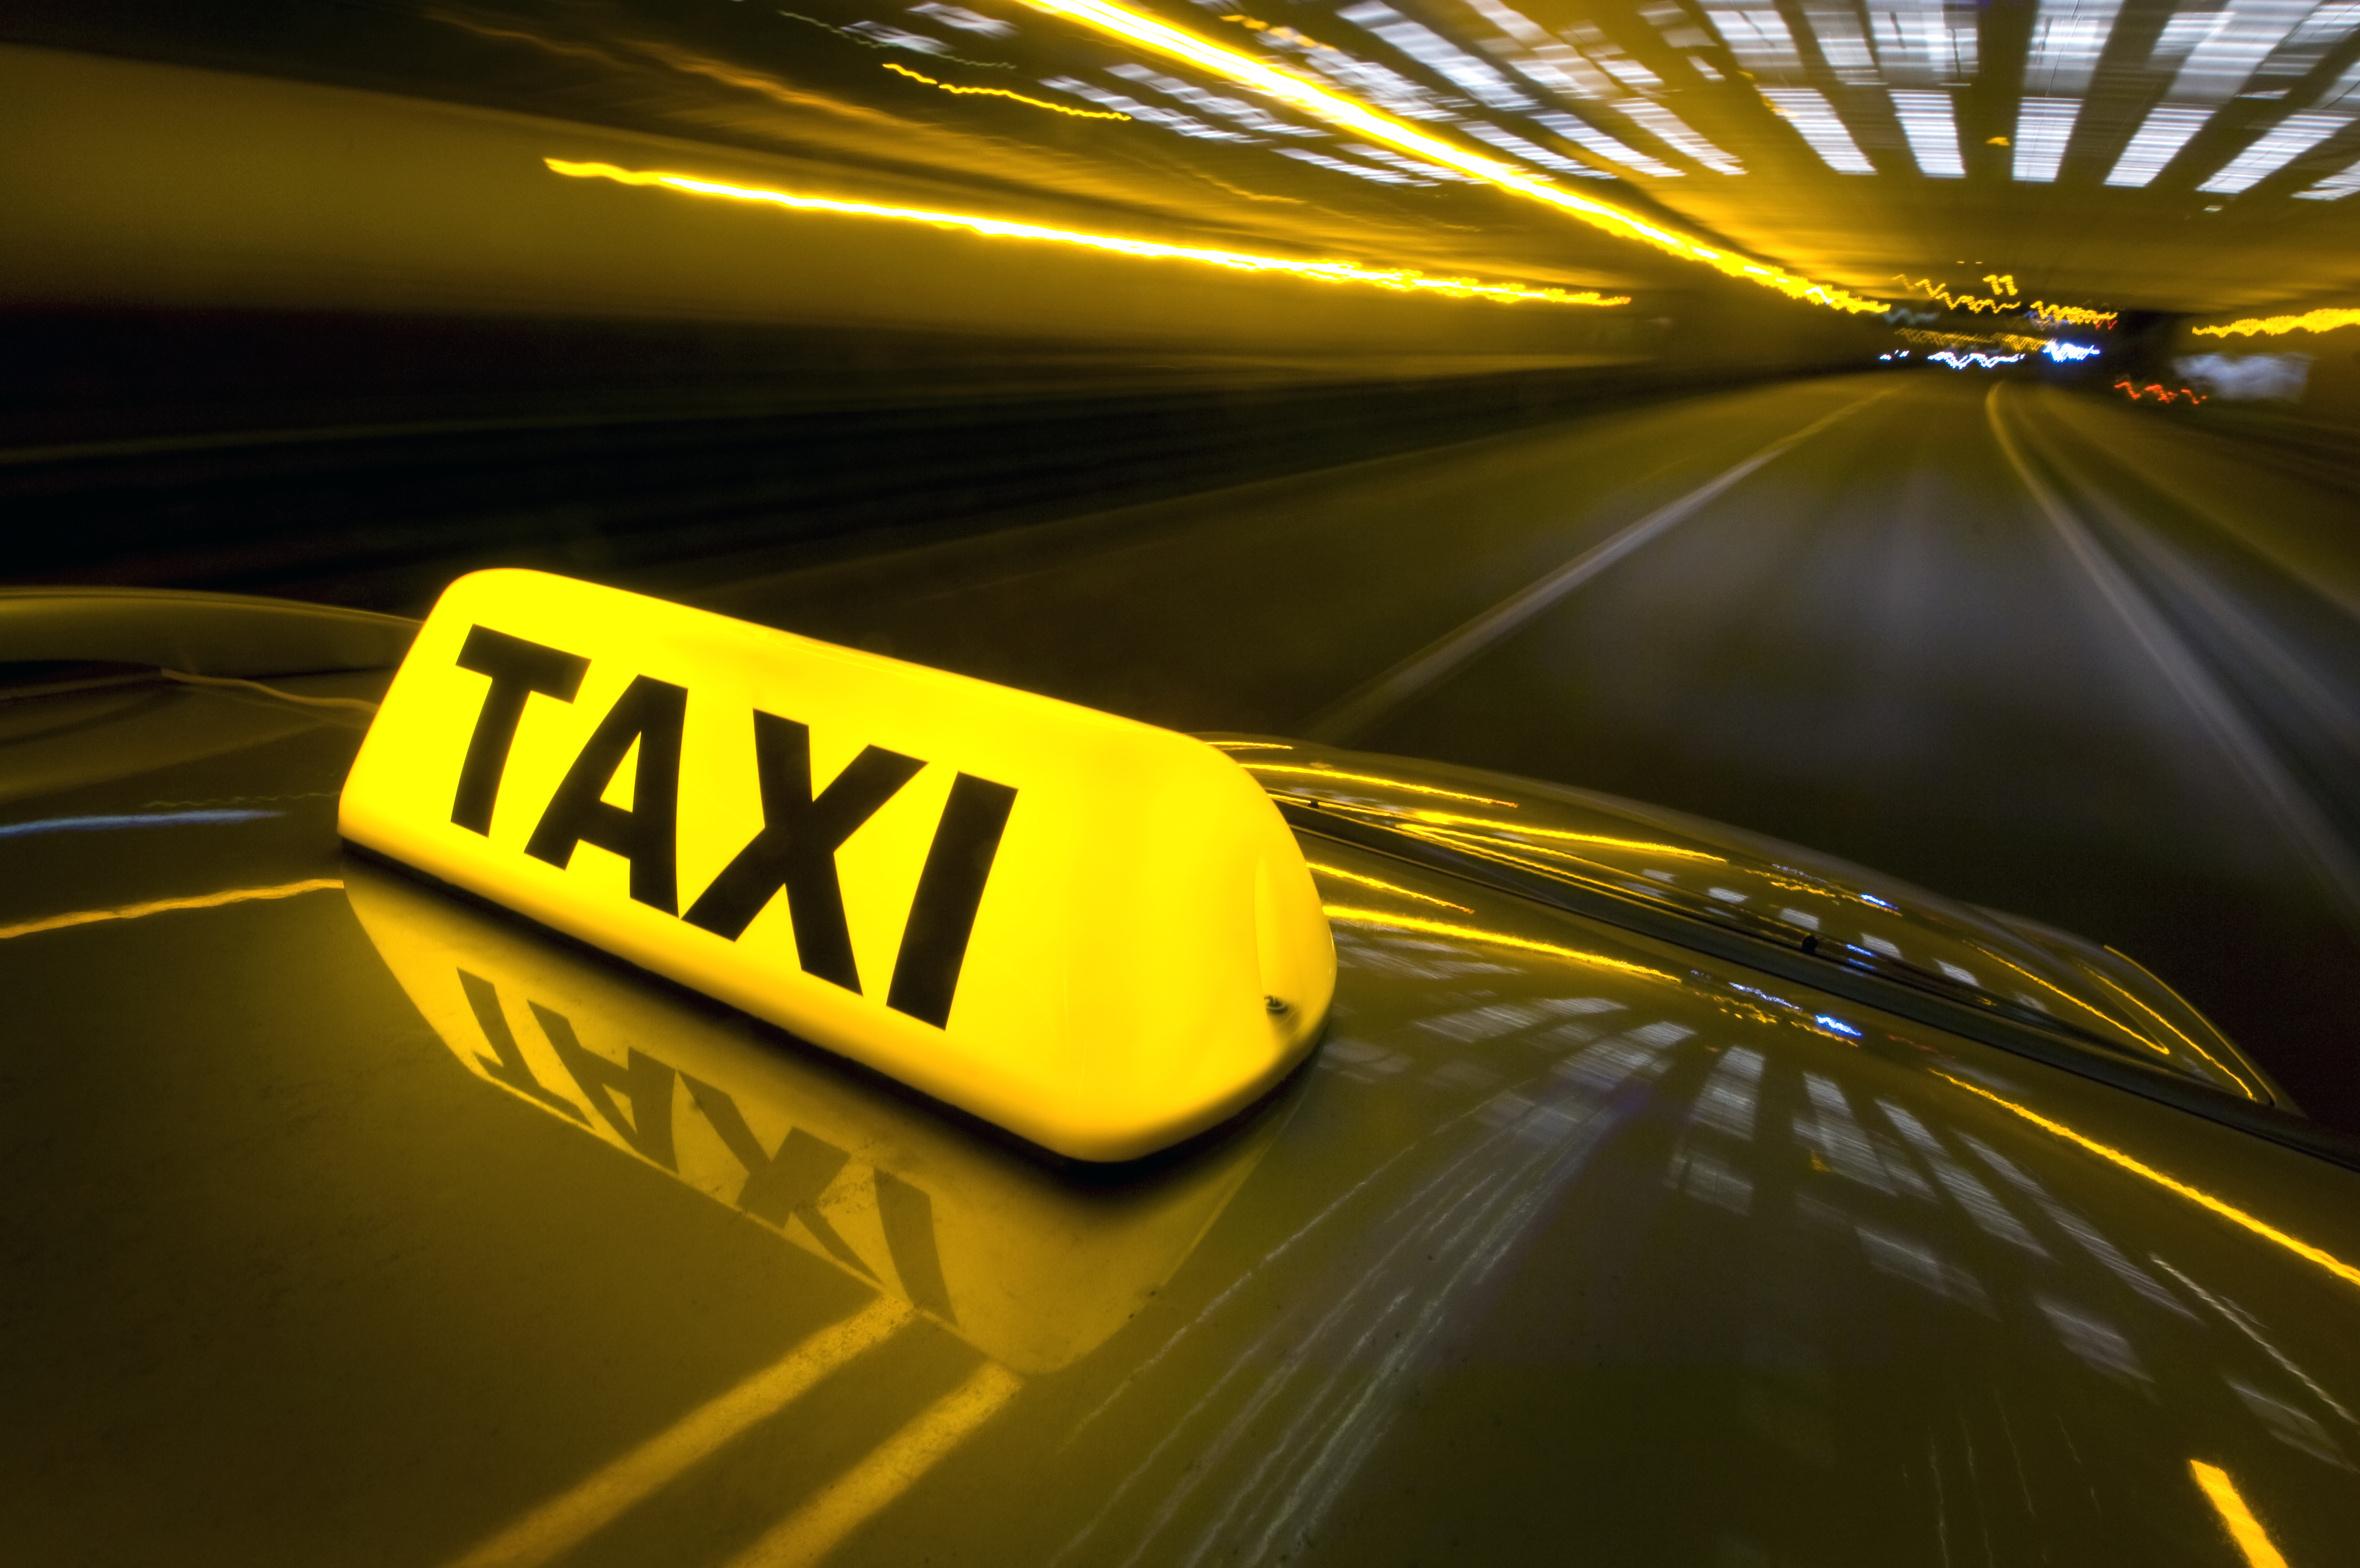 origen de la palabra taxi